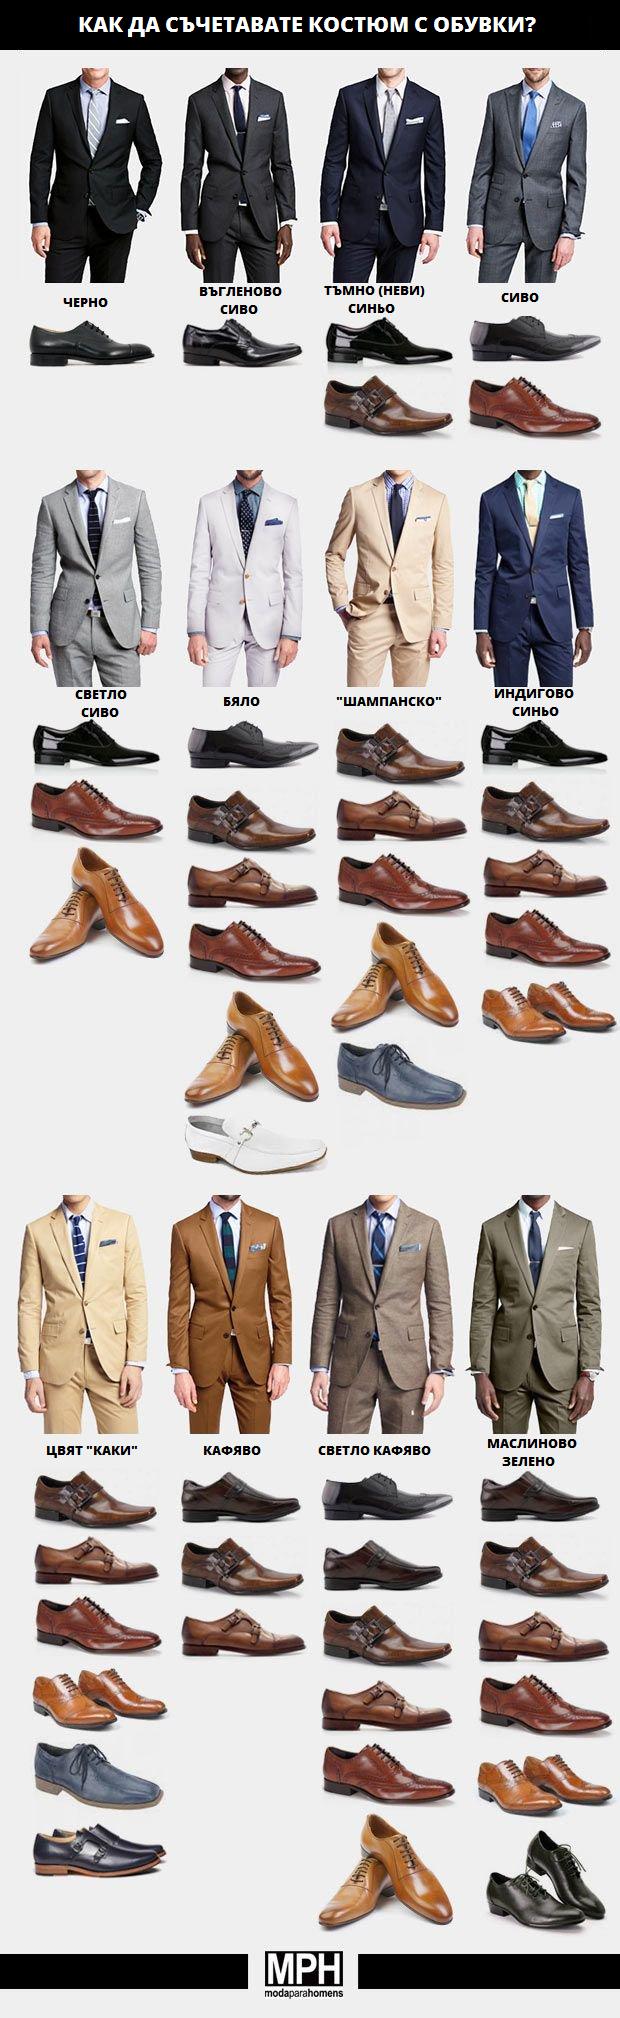 suchetavene na obuvki s kostum muje